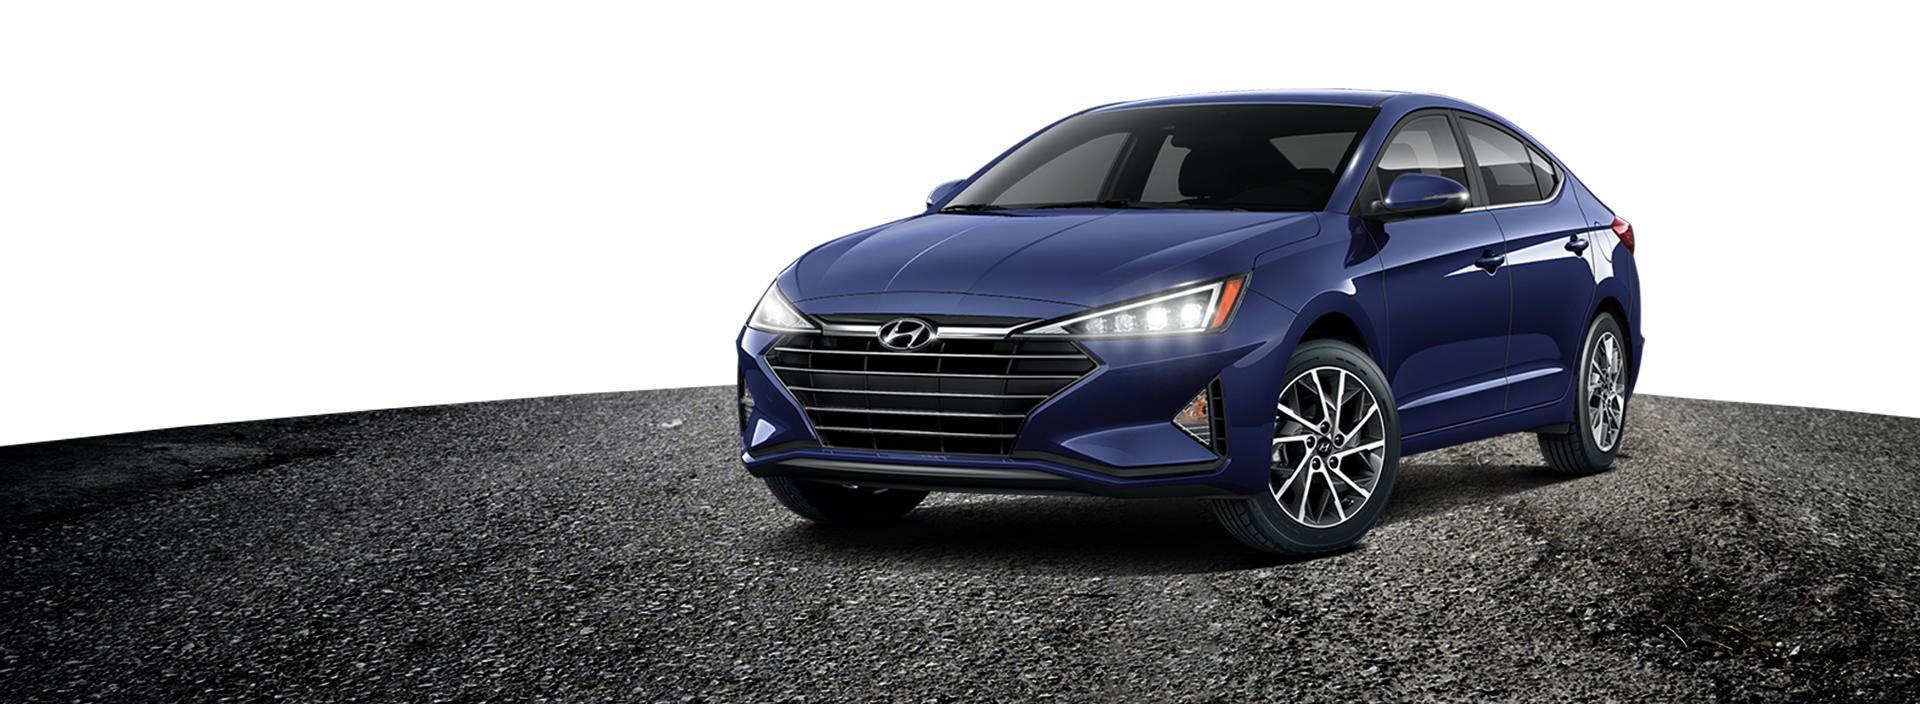 Dark Blue Hyundai Elantra